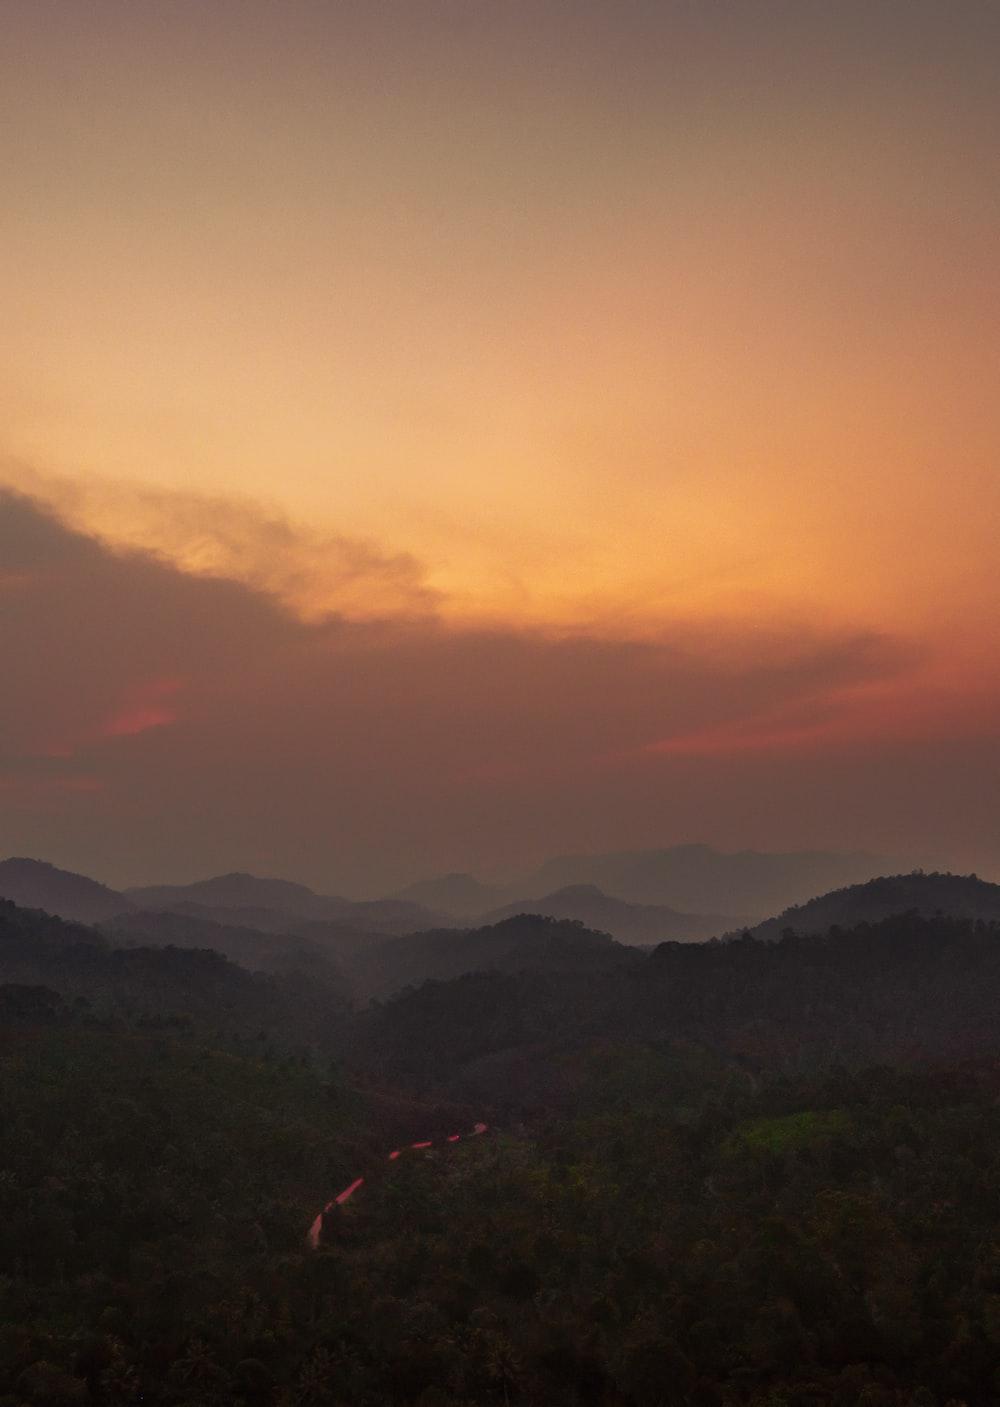 green mountains under orange sky